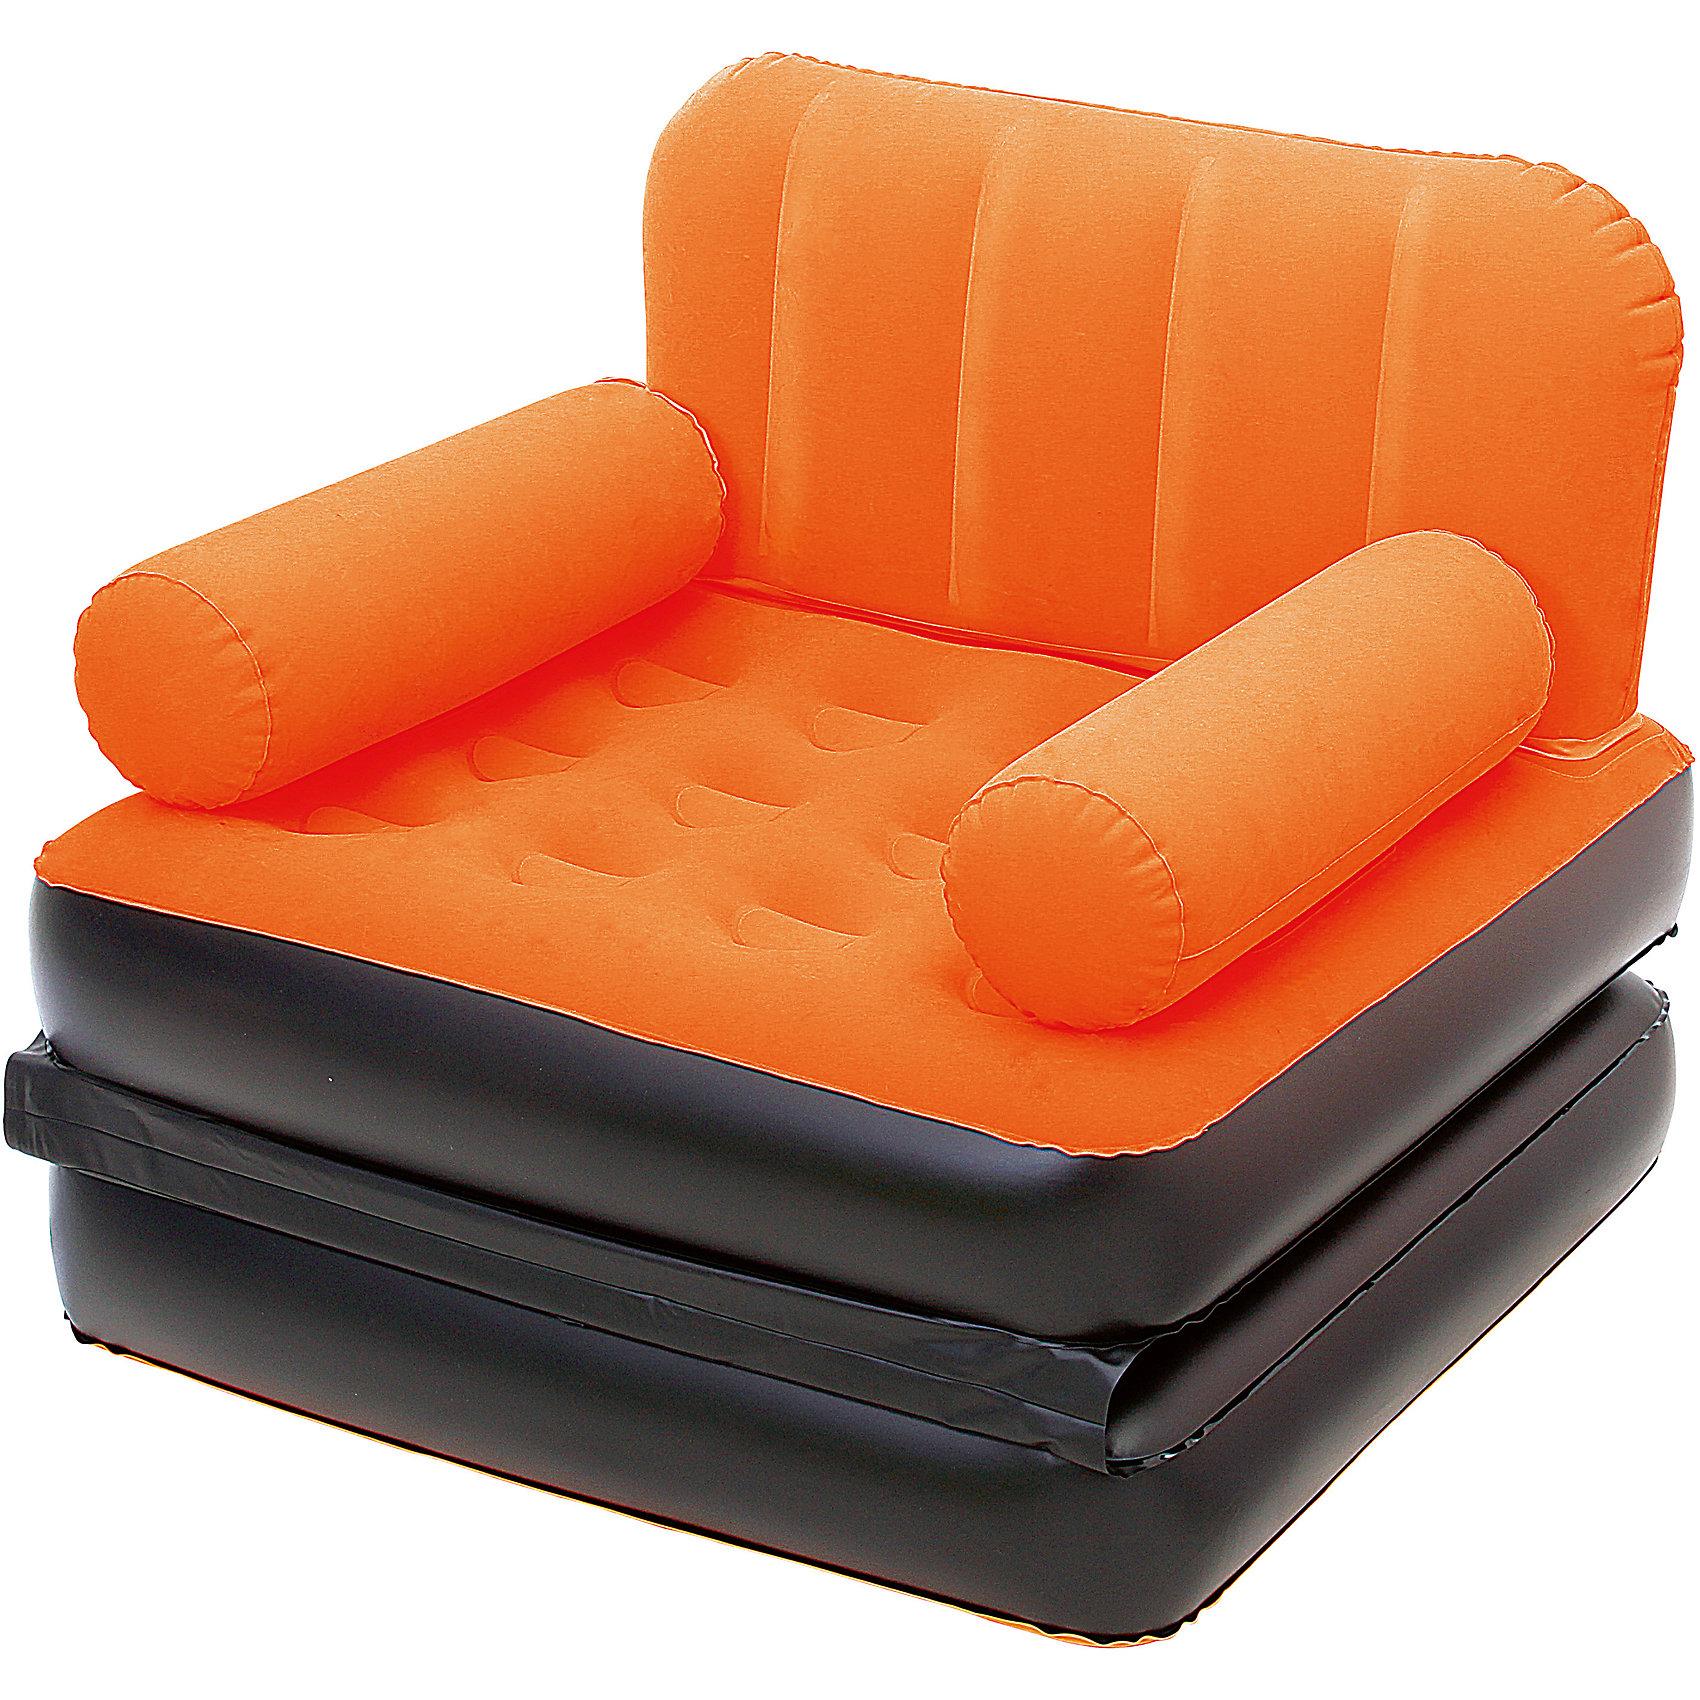 Кресло-кровать надувное, оранжевое, BestwayМебель<br>Кресло-кровать надувное, оранжевое, Bestway (Бествей)<br><br>Характеристики:<br><br>• яркое кресло легко трансформируется в кровать<br>• быстро надувается<br>• прочное<br>• материал: винил<br>• размер: 193х102х64 см<br>• цвет: оранжевый<br>• максимальная нагрузка: 223 кг<br>• вес: 3 кг<br><br>Яркое кресло Bestway легко и быстро трансформируется в односпальную кровать. Привлекательный дизайн украсит интерьер любого помещения. Вы можете использовать кресло дома или на открытом воздухе. Процесс установки занимает не более пяти минут. Кресло изготовлено из винила высокой прочности. С этим креслом вы сможете значительно сэкономить место в вашем доме.<br><br>Кресло-кровать надувное, оранжевое, Bestway (Бествей) вы можете купить в нашем интернет-магазине.<br><br>Ширина мм: 635<br>Глубина мм: 350<br>Высота мм: 370<br>Вес г: 2983<br>Возраст от месяцев: 72<br>Возраст до месяцев: 2147483647<br>Пол: Унисекс<br>Возраст: Детский<br>SKU: 5486940